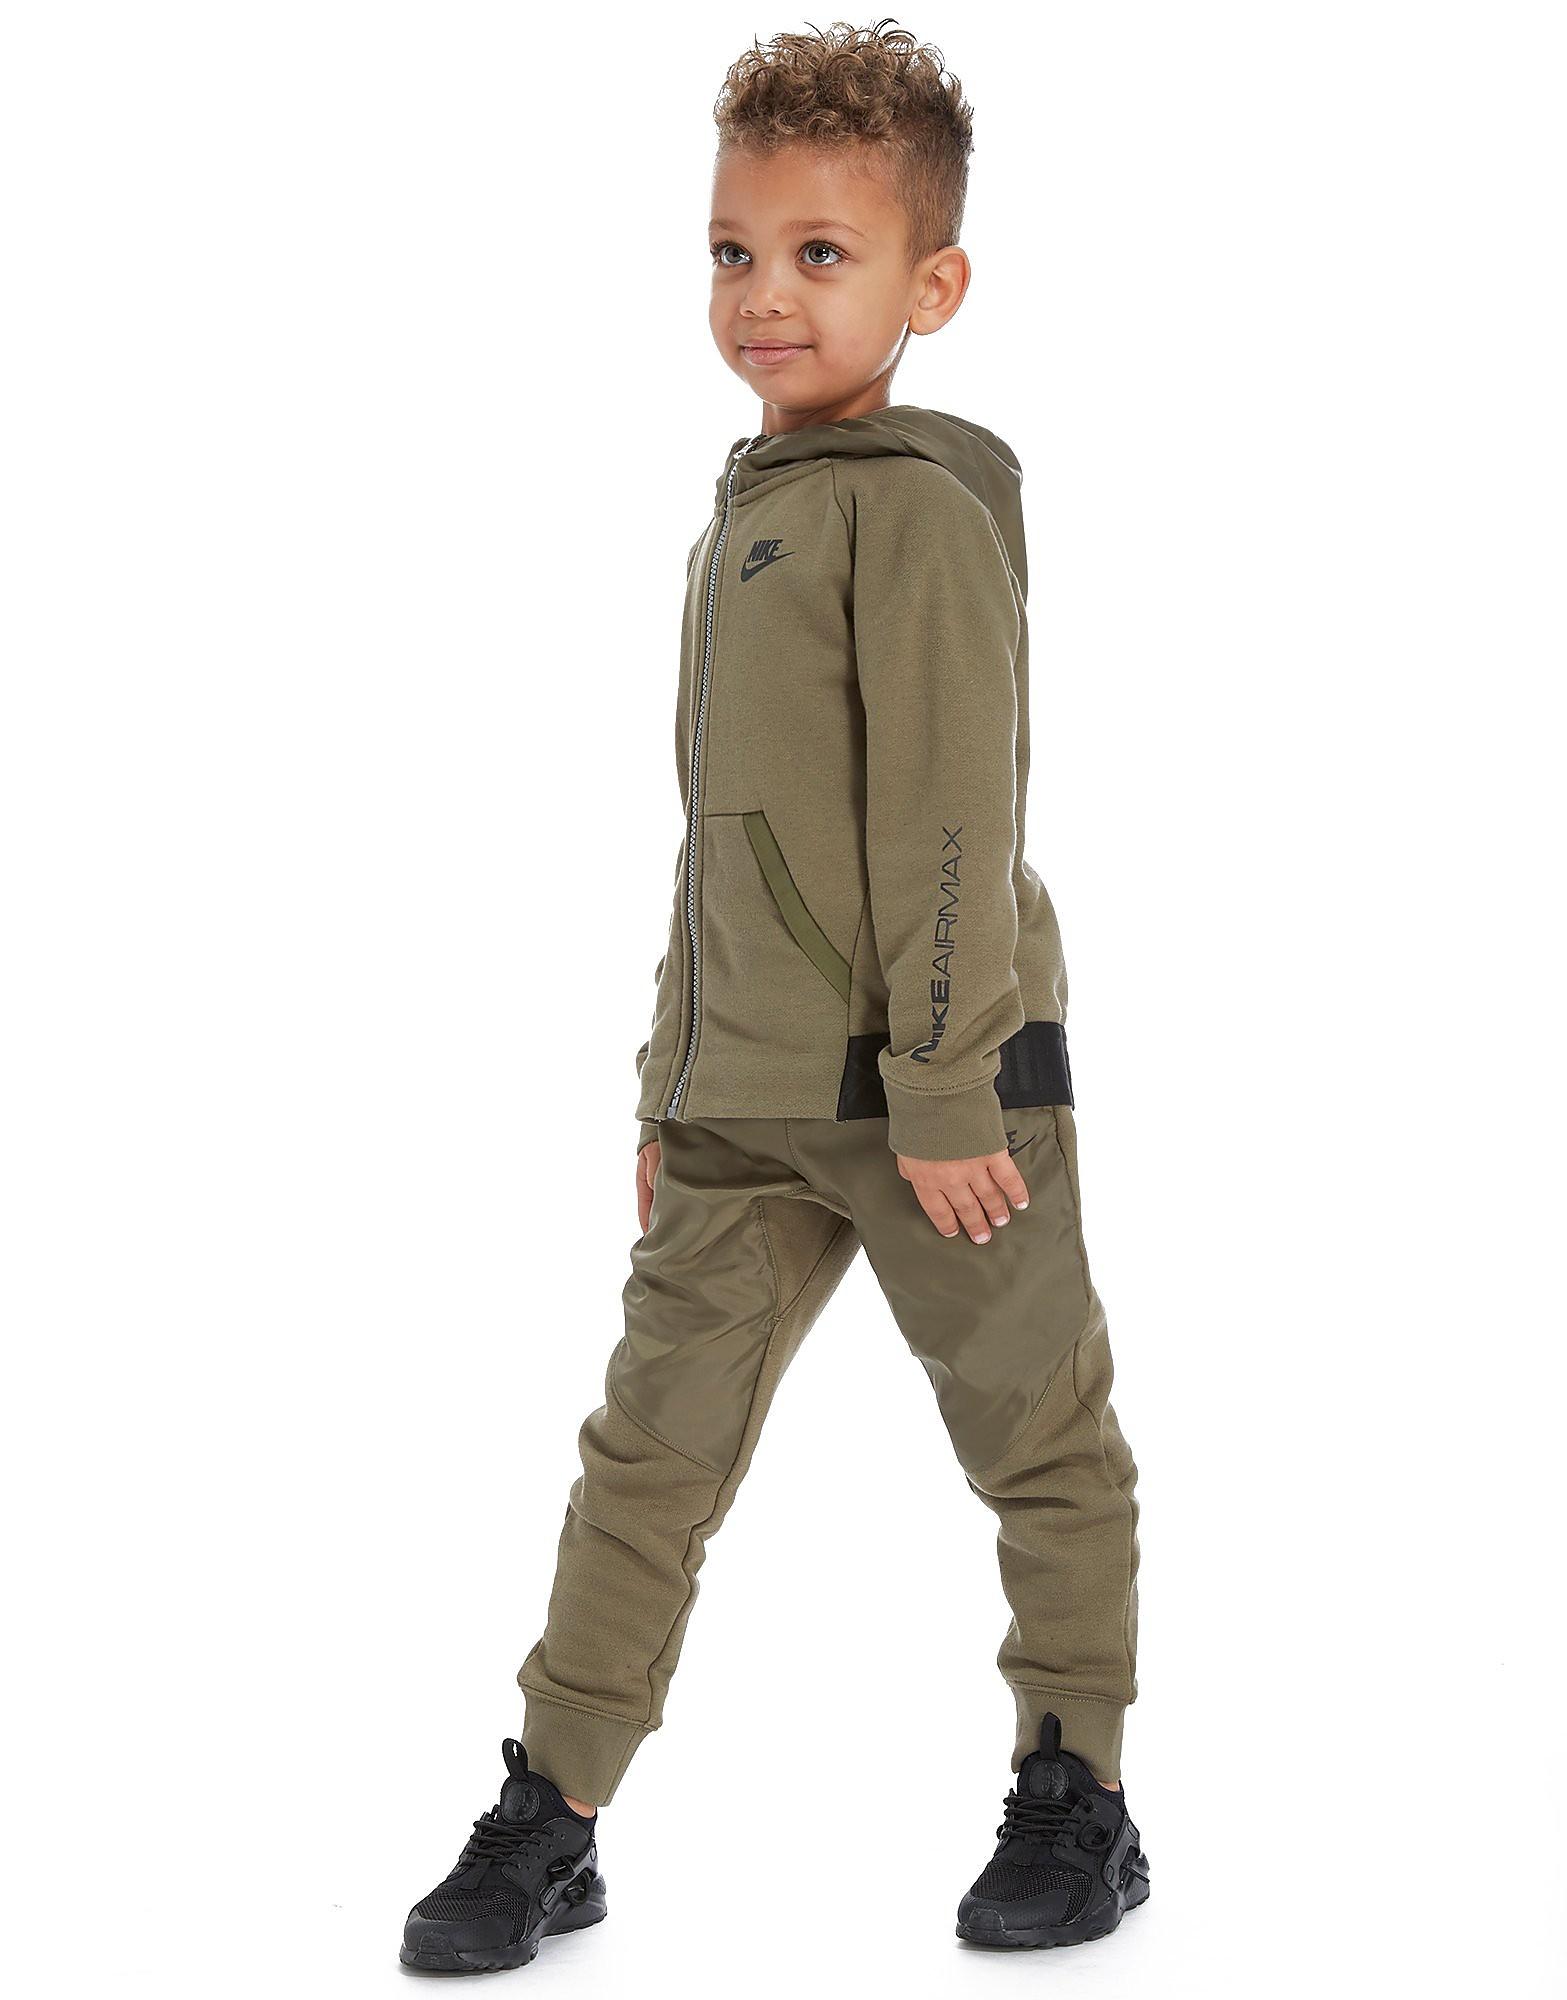 Nike Air Max Fleece Full Zip Suit Children